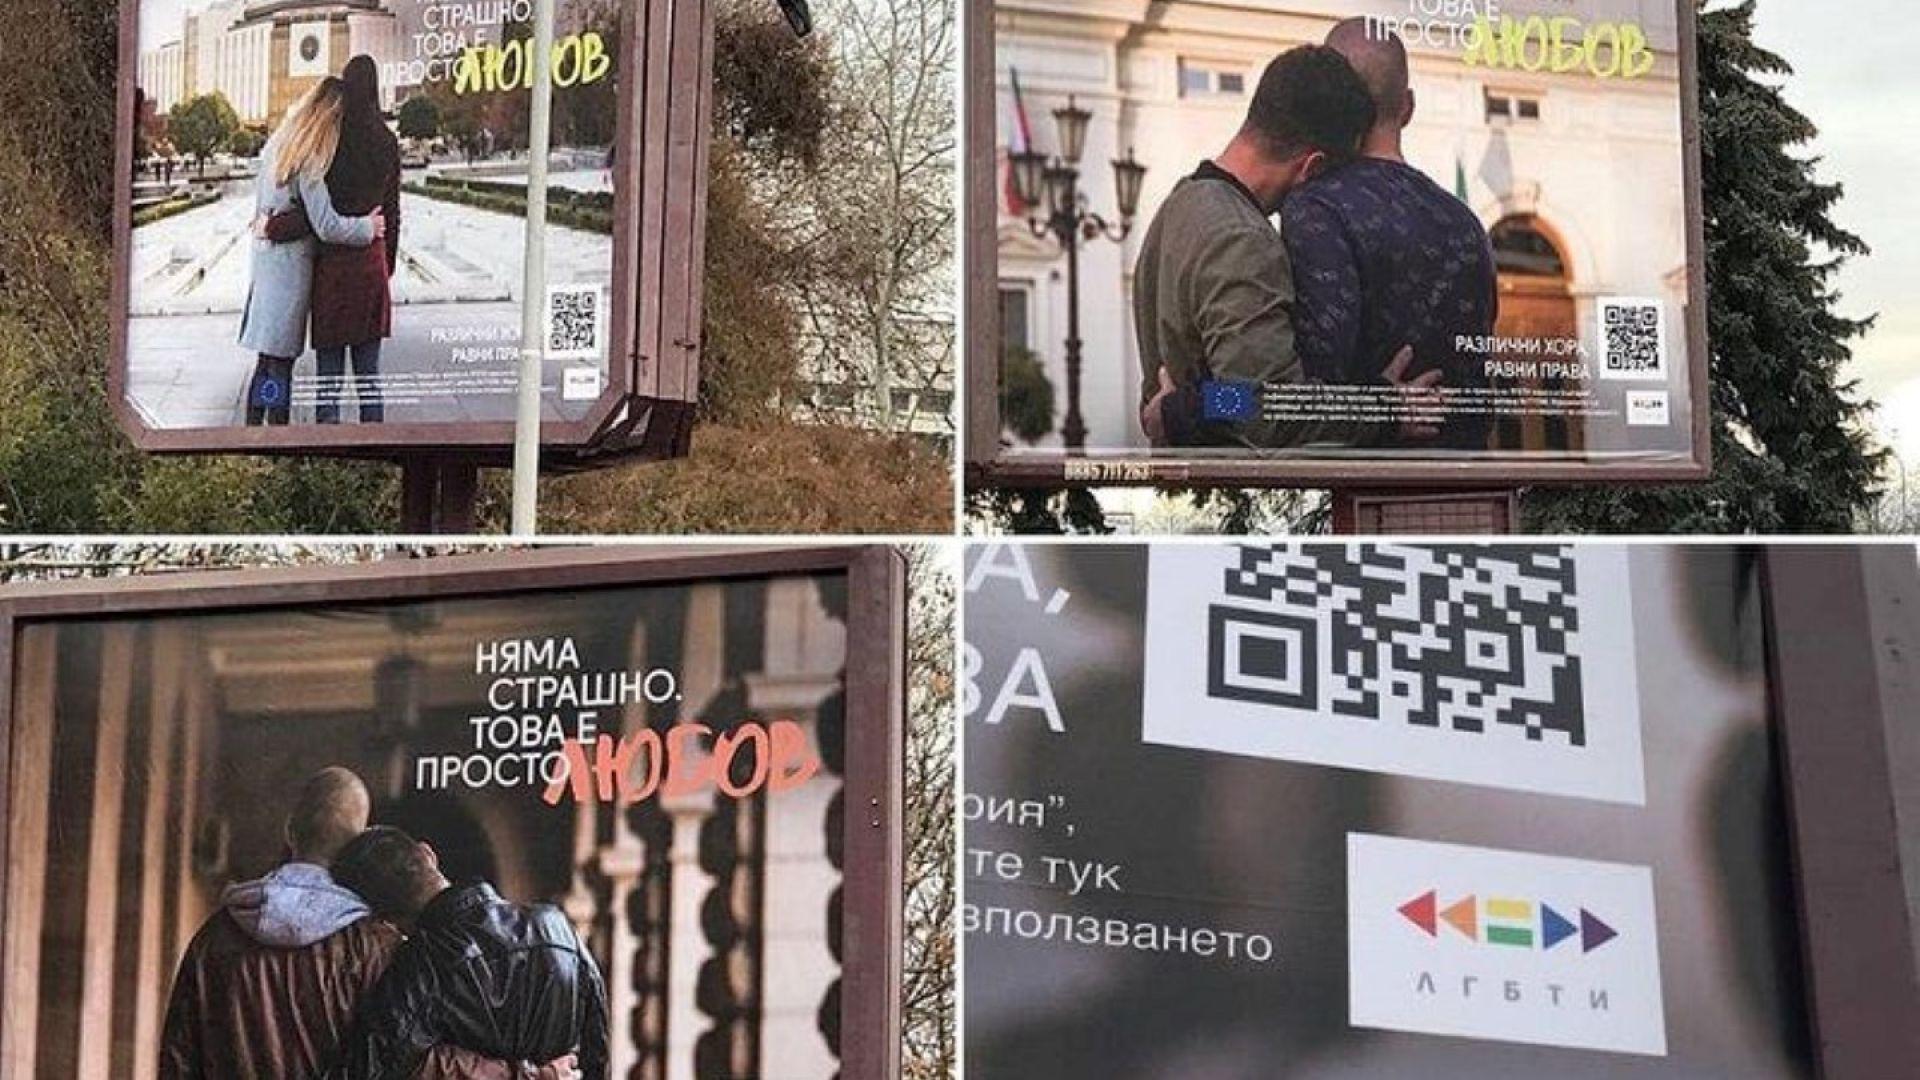 ВМРО: Скандалните гей билбордове потъпкват държавността и моралните ценности